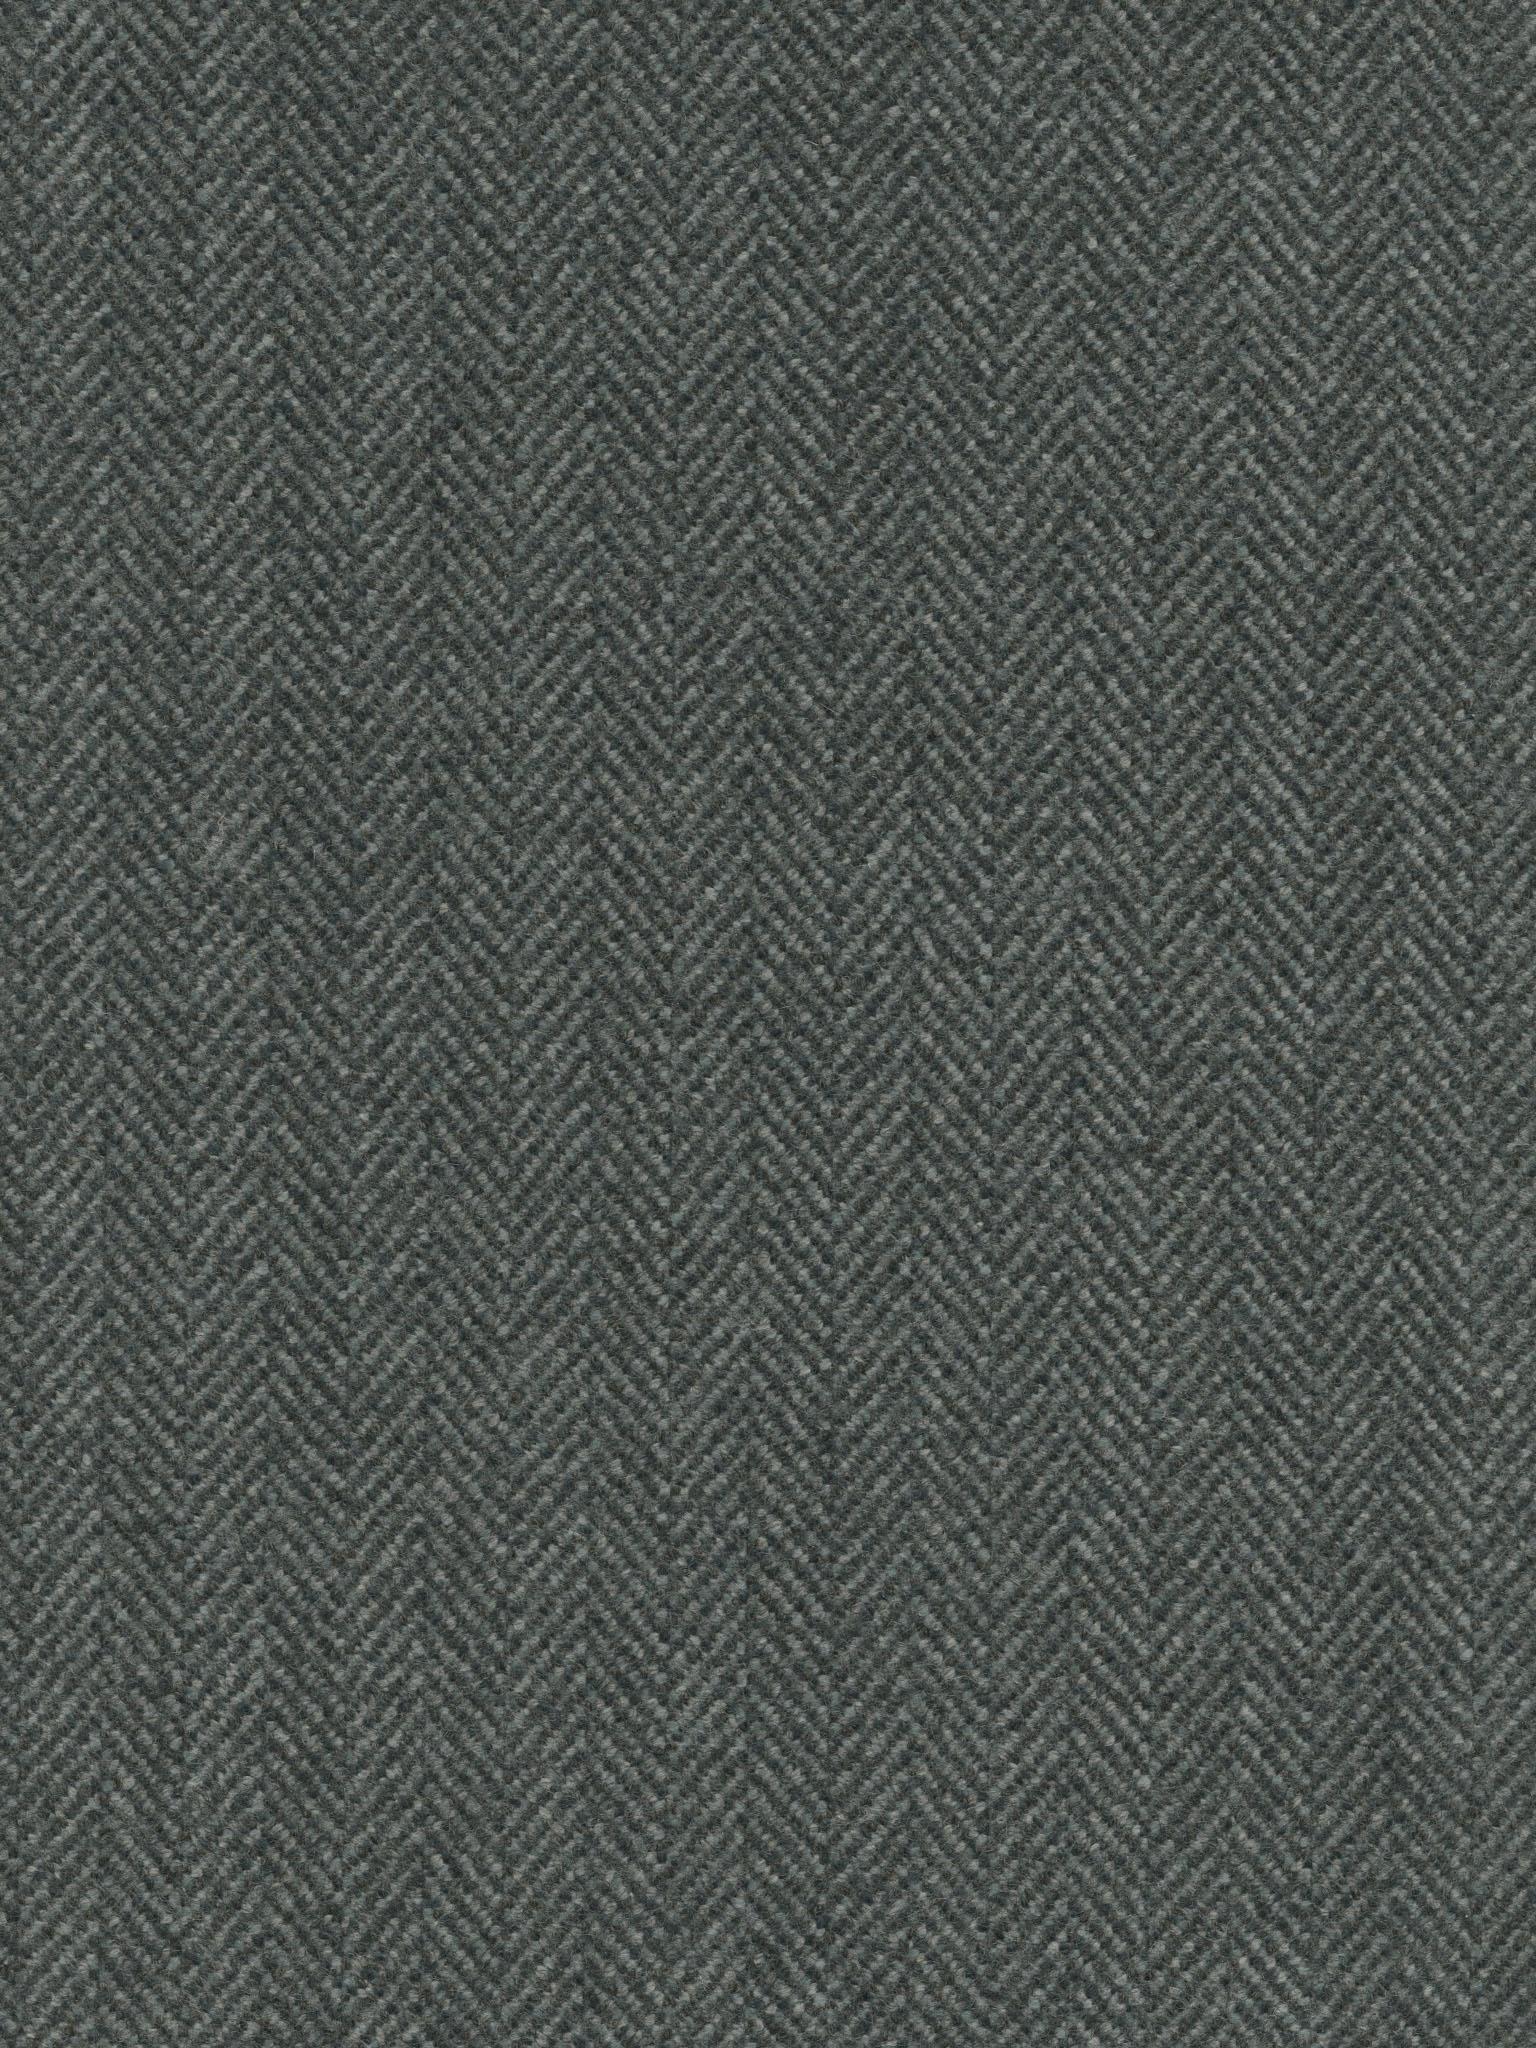 Savile Row Windsor Tweed DE13840